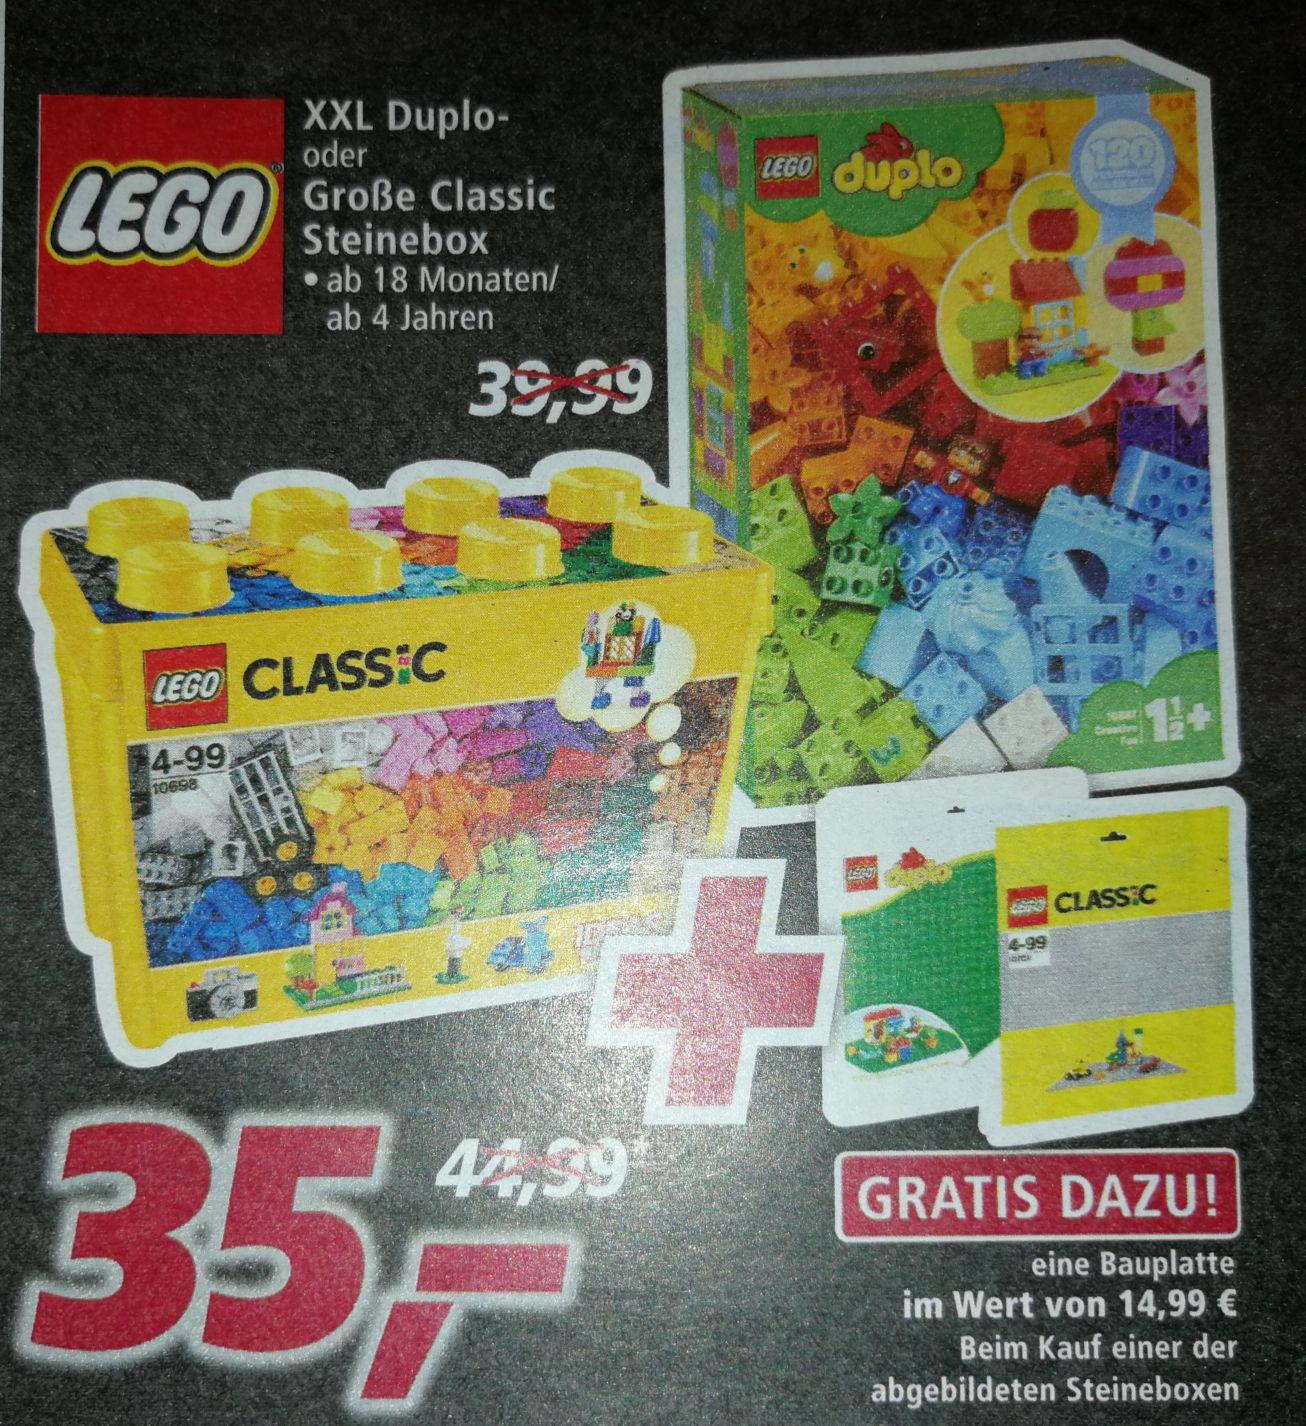 [real-Markt] LEGO Classic oder duplo Steinebox + je 1 Bauplatte gratis